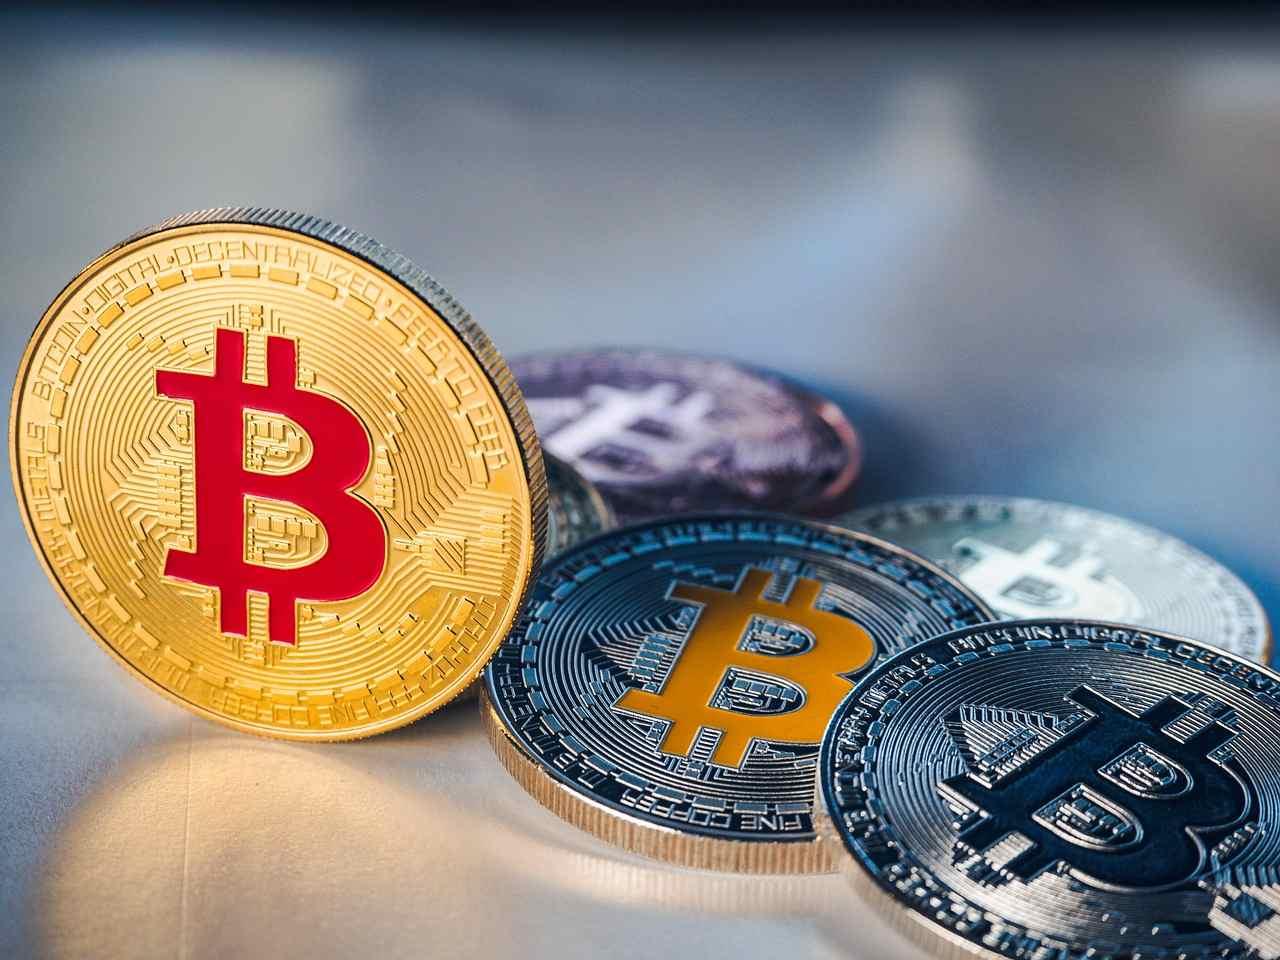 bitcoin-btc-preço-investimento-negócios-economia-criptomoedas-gestora-